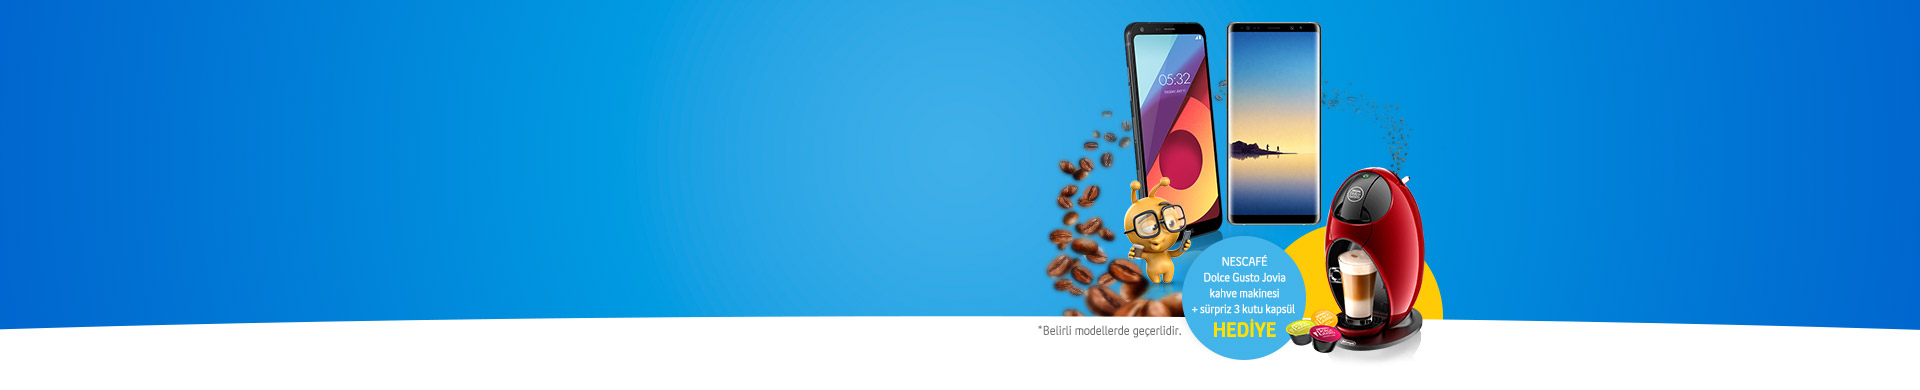 Şimdi Telefon Almanın Tam Zamanı turkcell.com.tr'den kontratlı akıllı telefon alana NESCAFÉ Dolce Gusto Jovia kahve makinesı hediye!